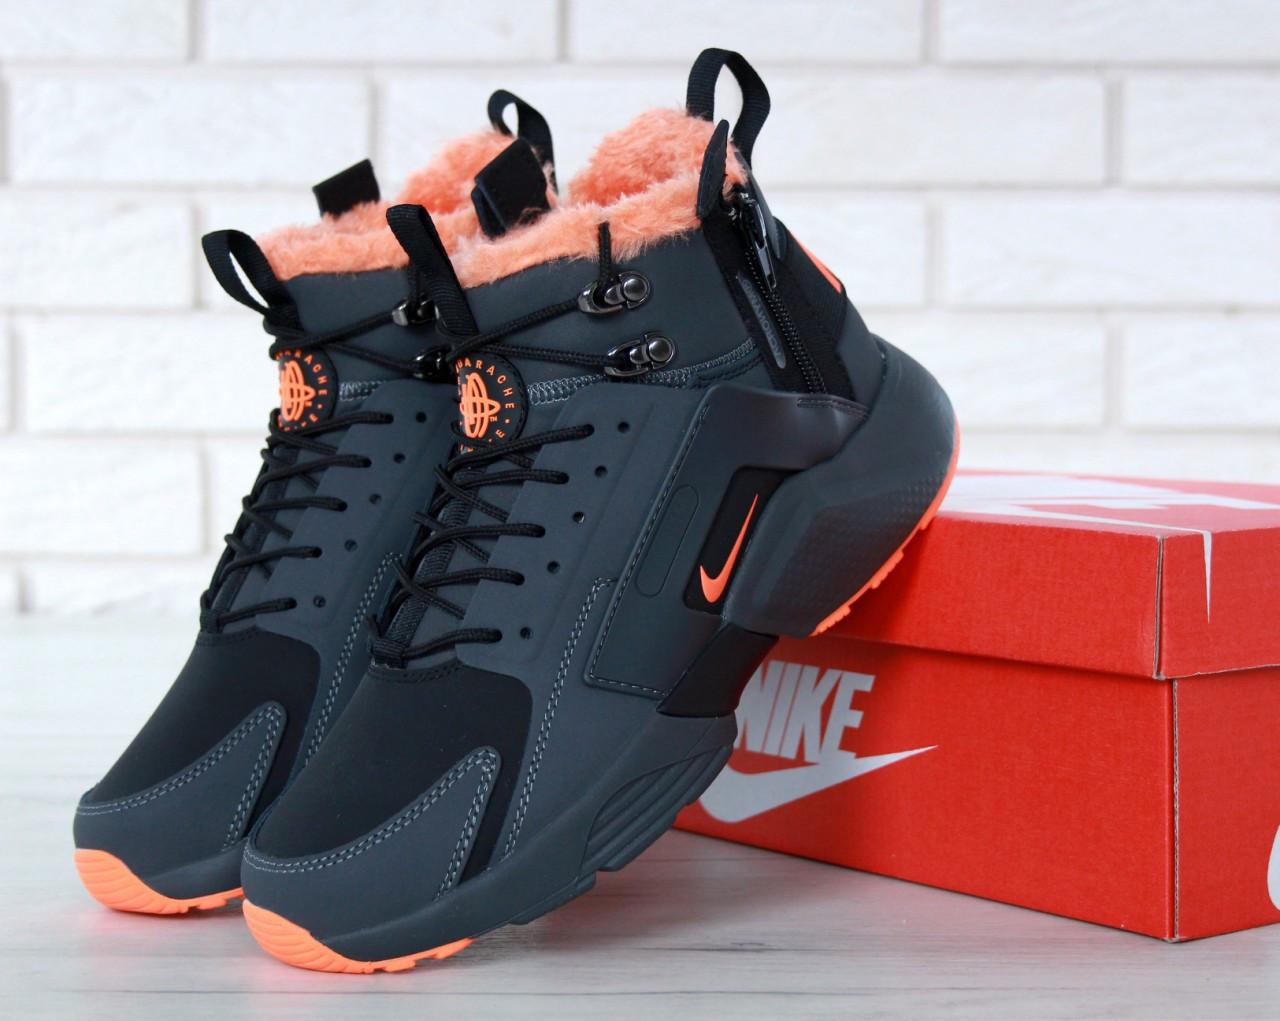 Мужские зимние кроссовки Nike Air Huarache Winter с мехом (черно-оранжевые)